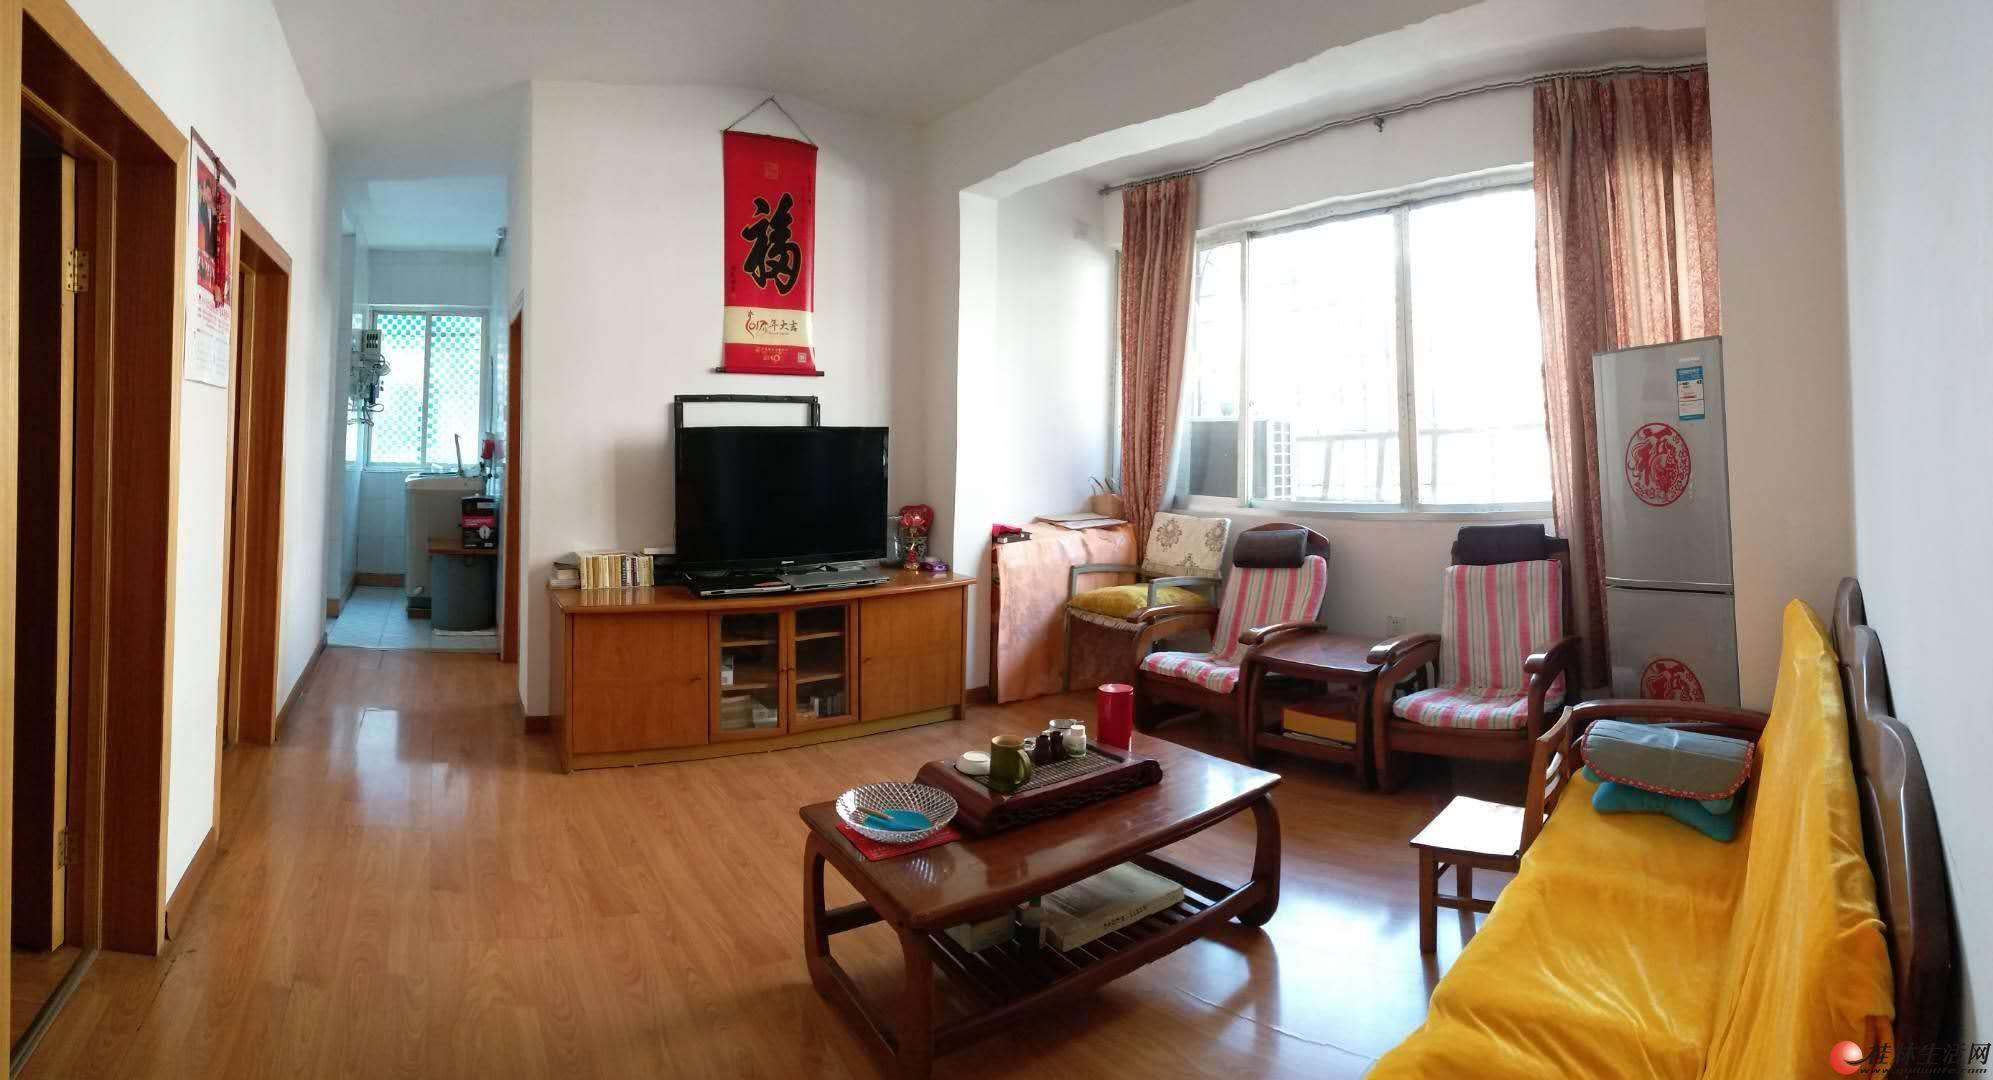 公园绿涛湾旁 3楼 精装2房 月租1200 拎包入住